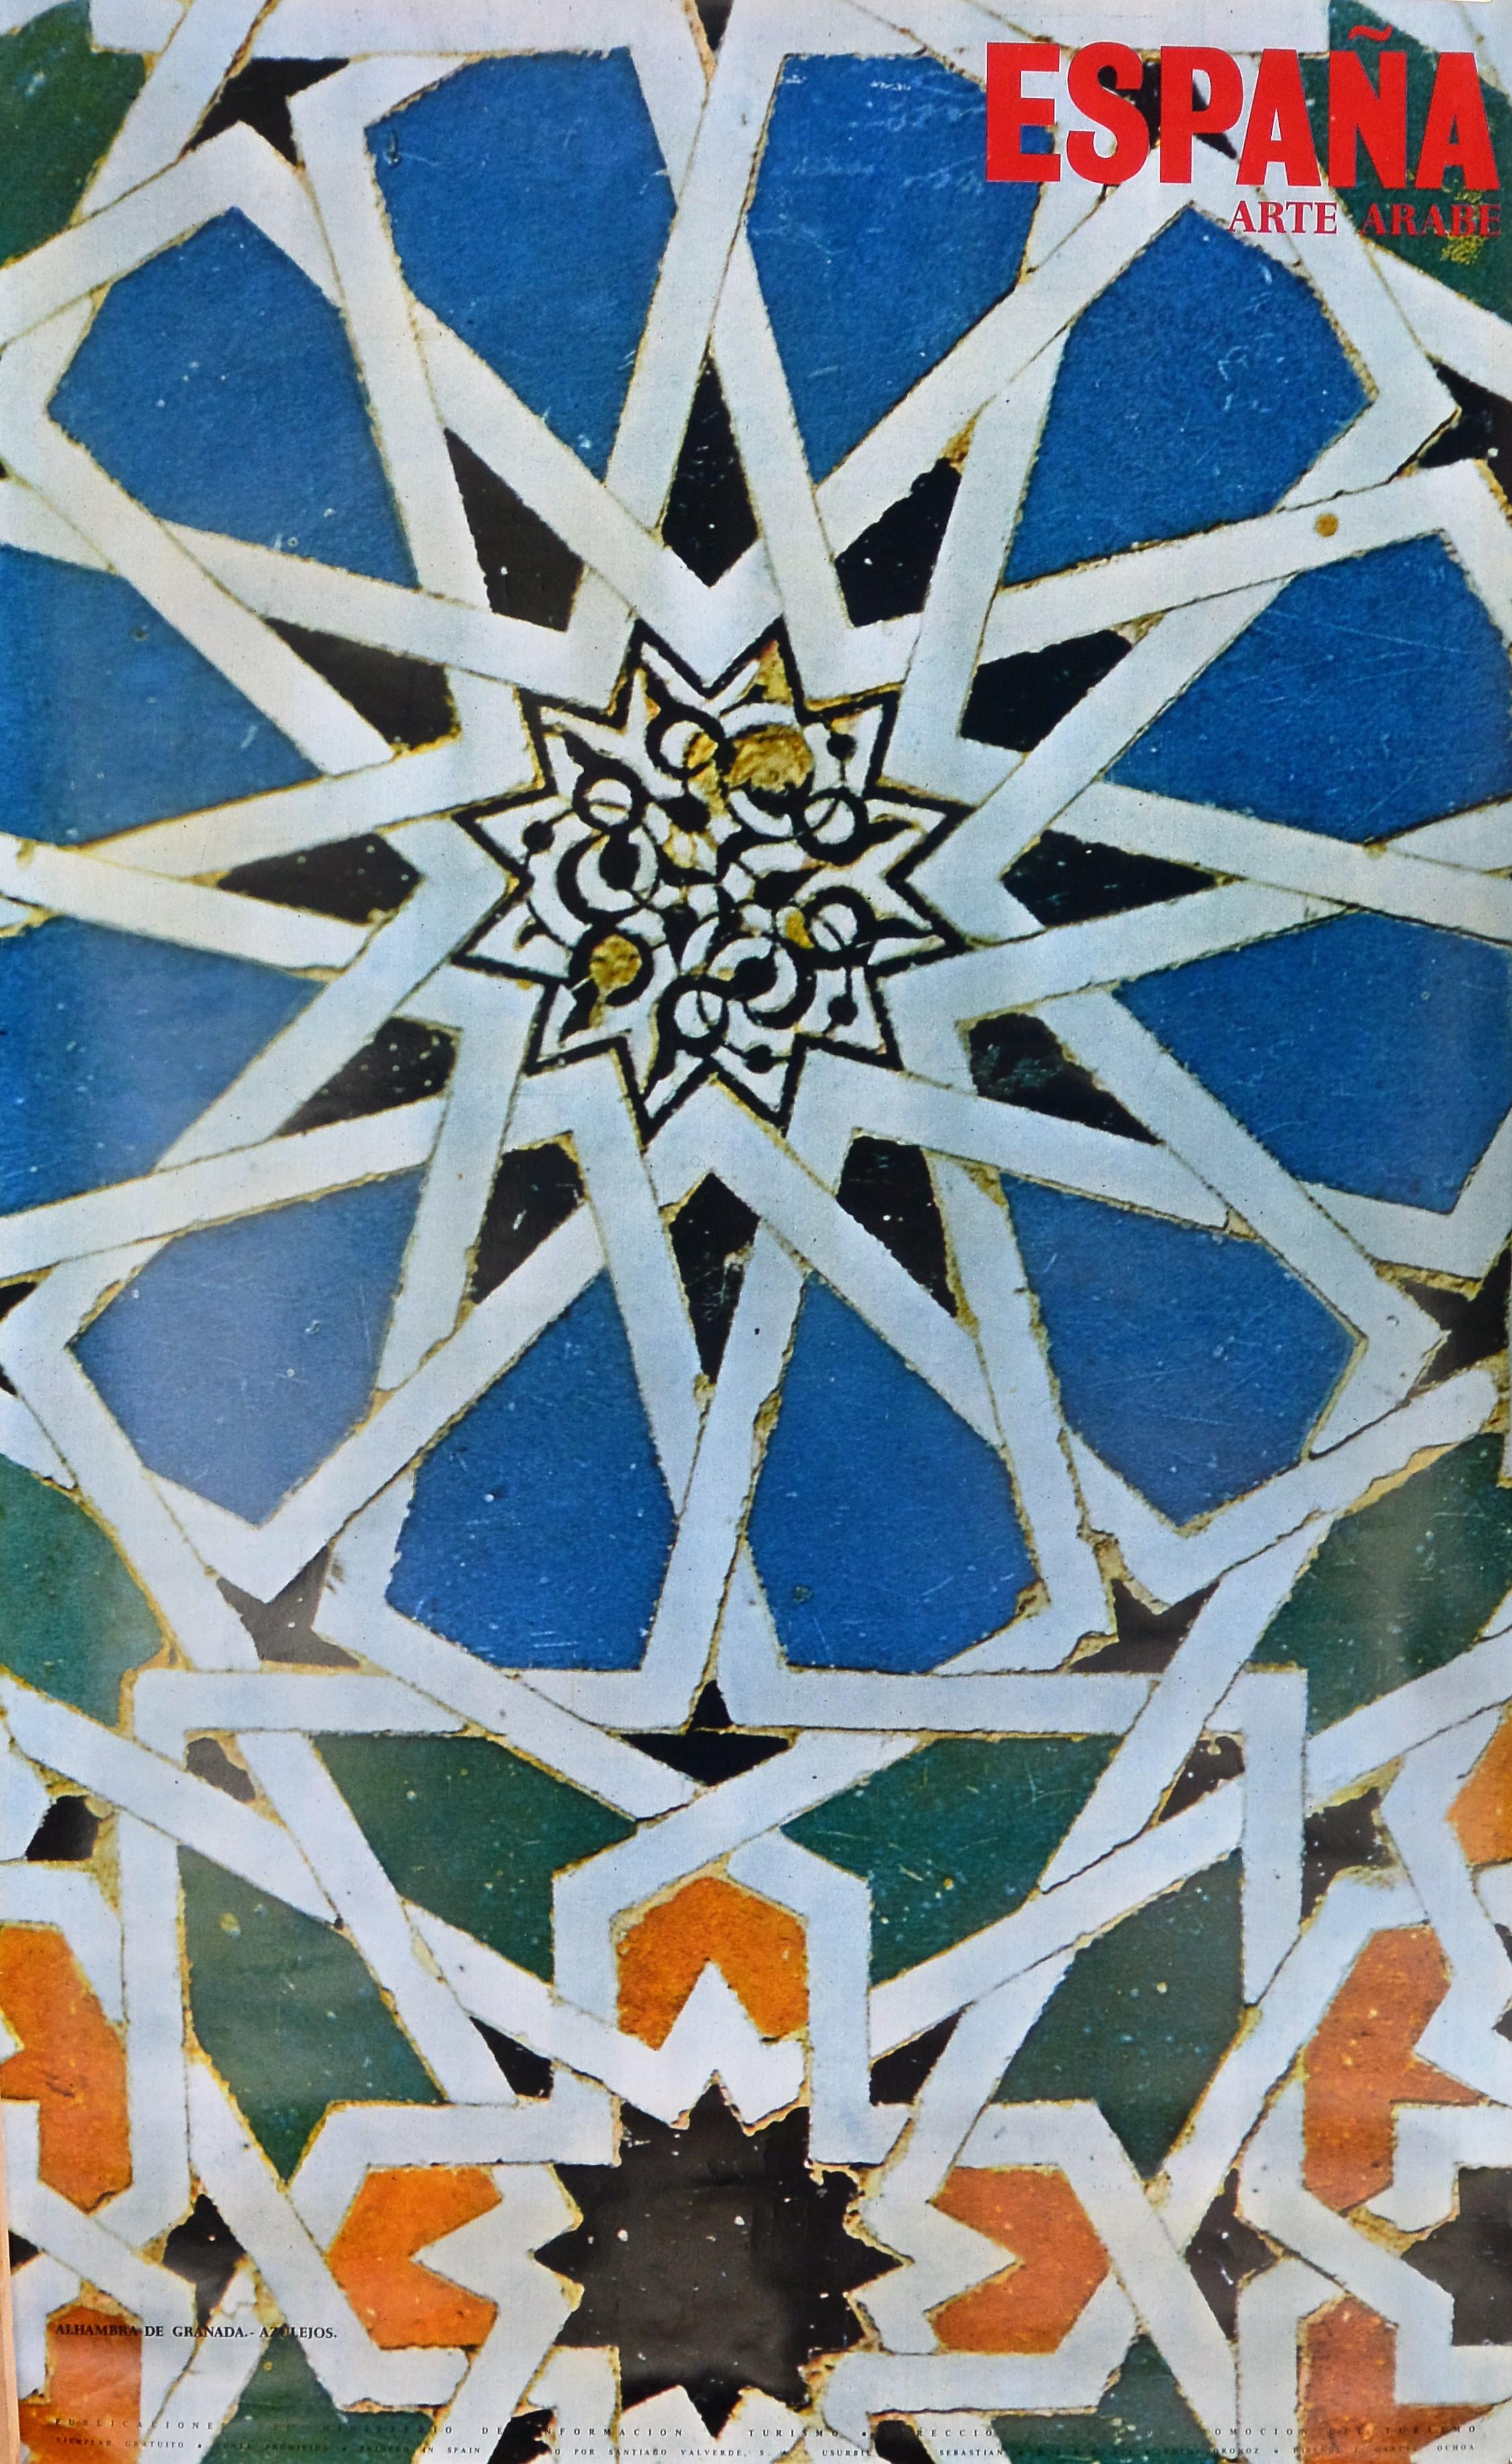 Espa a arte rabe azulejos de la alhambra granada cartel promoci n tur stica el marco - Catalogo conforama granada 2016 ...